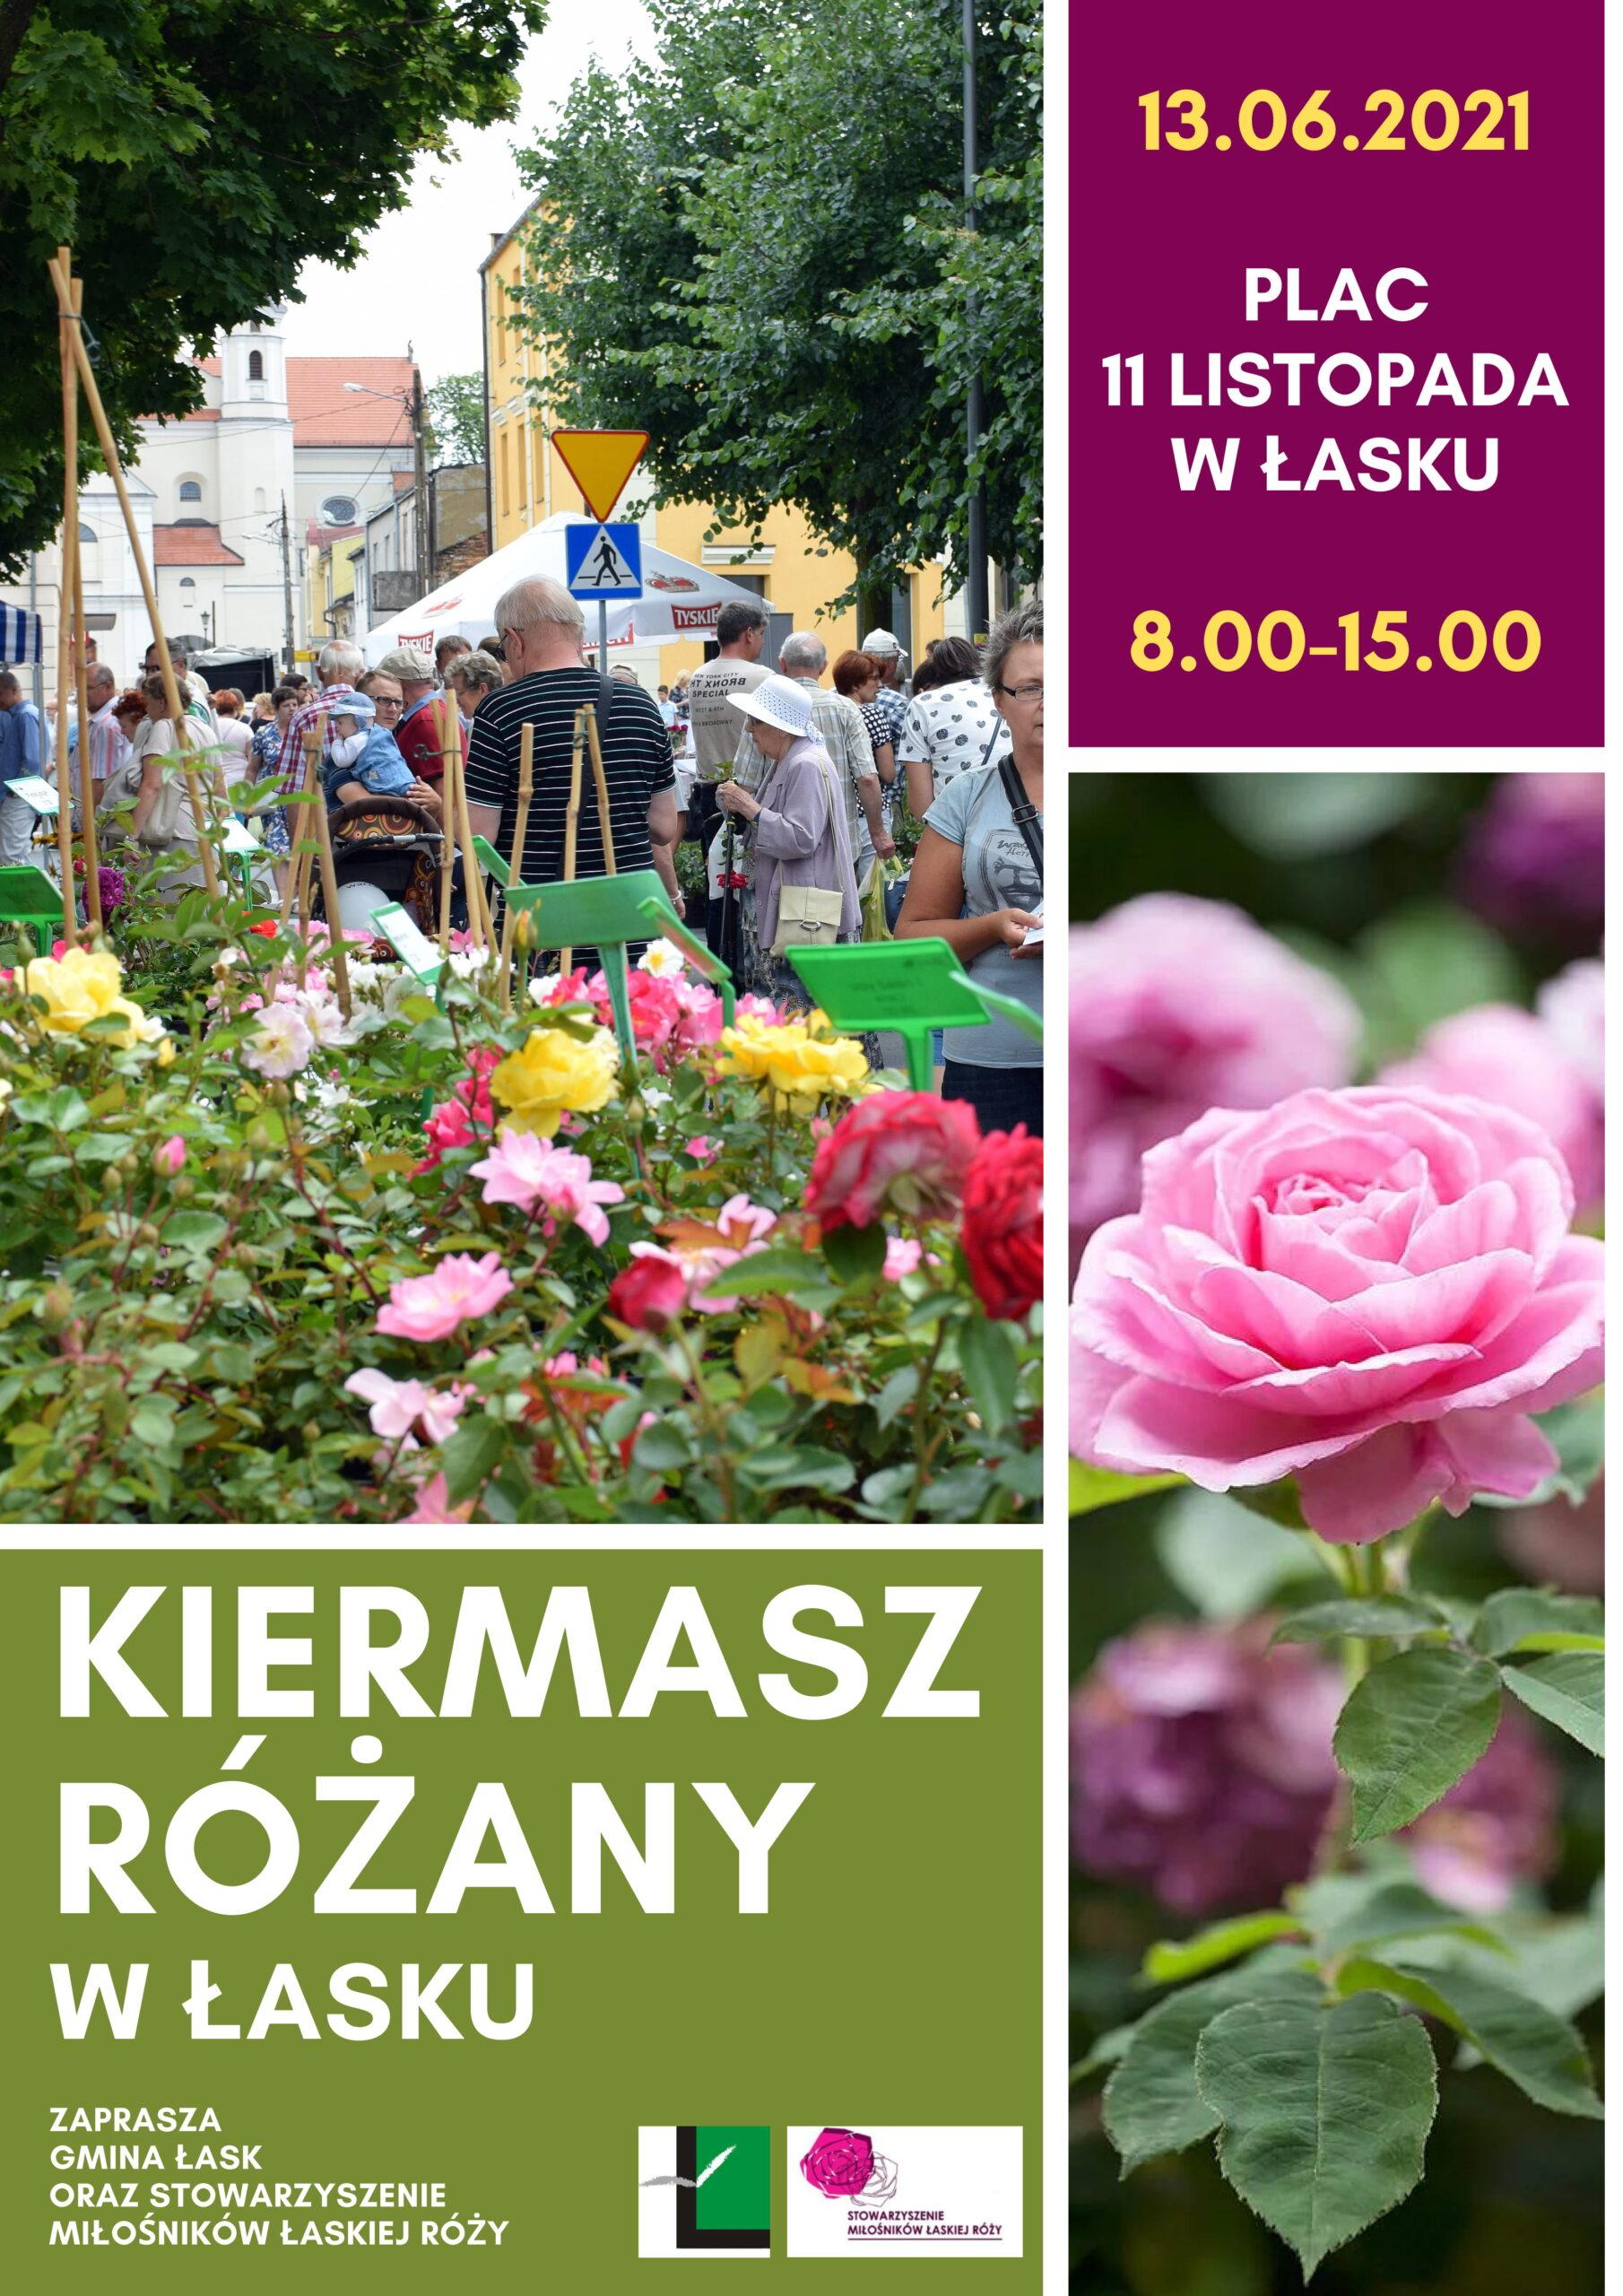 Kiermasz Różany w Łasku – ogłoszenie